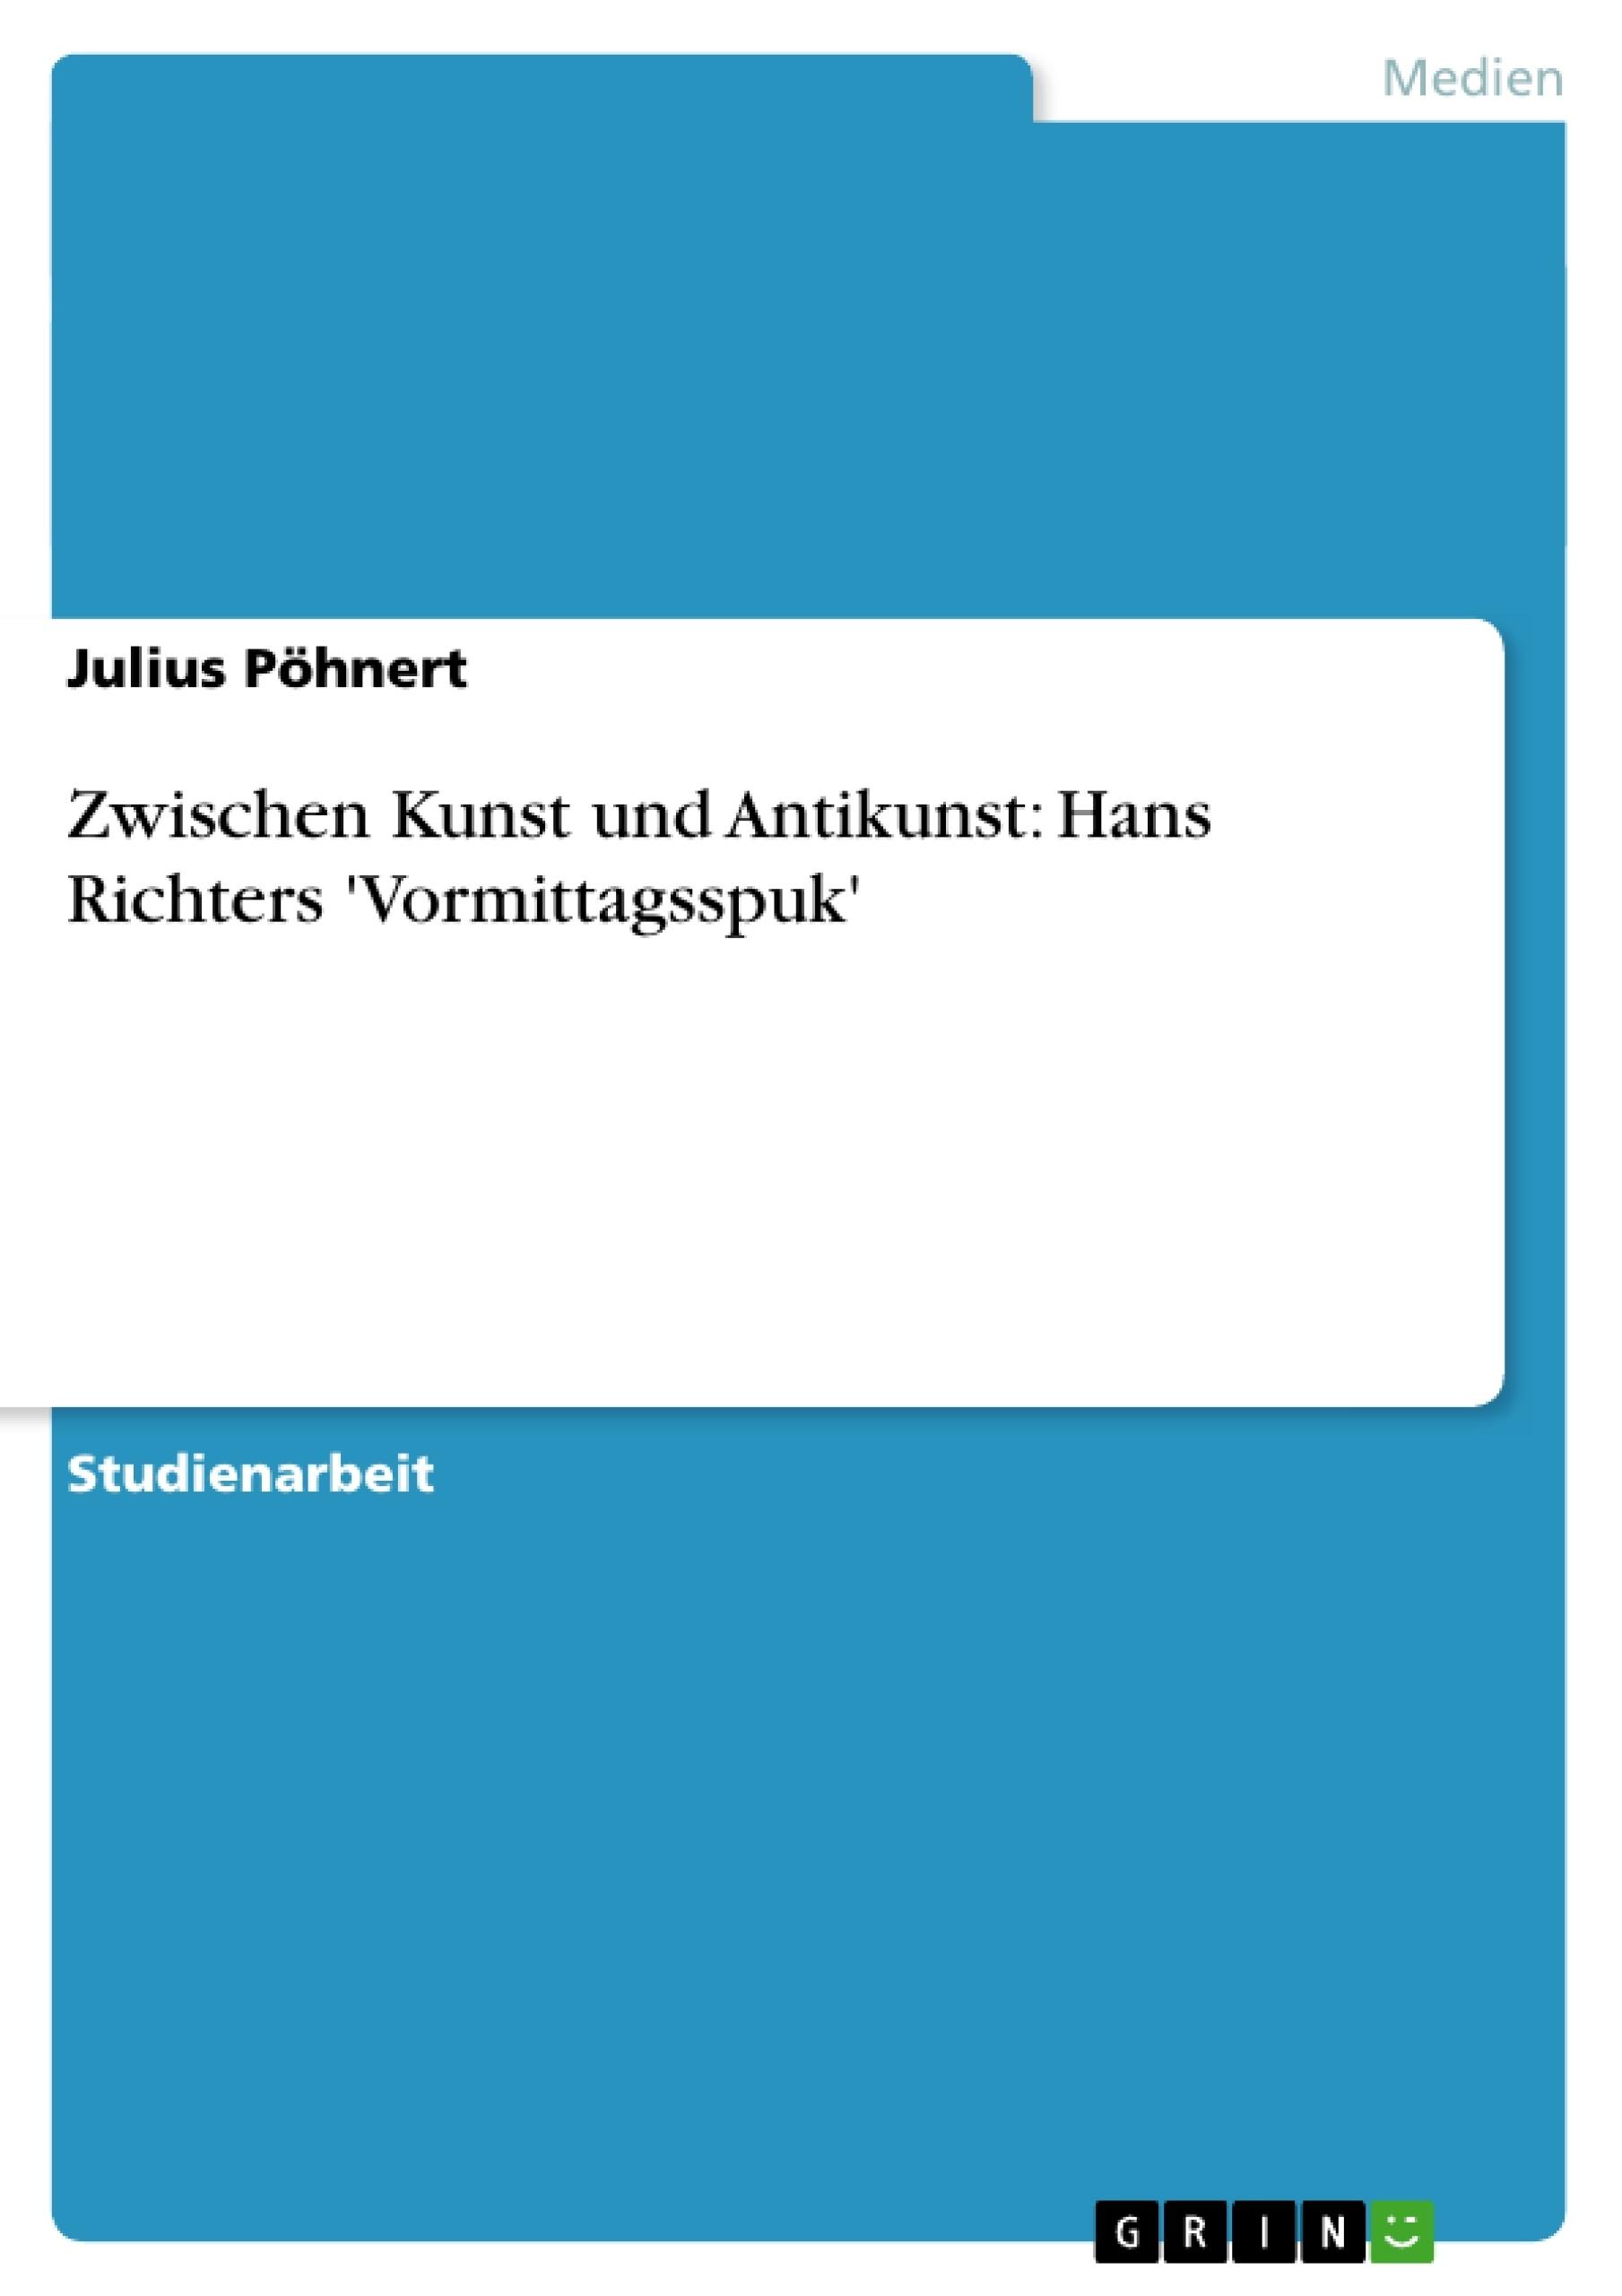 Titel: Zwischen Kunst und Antikunst: Hans Richters 'Vormittagsspuk'